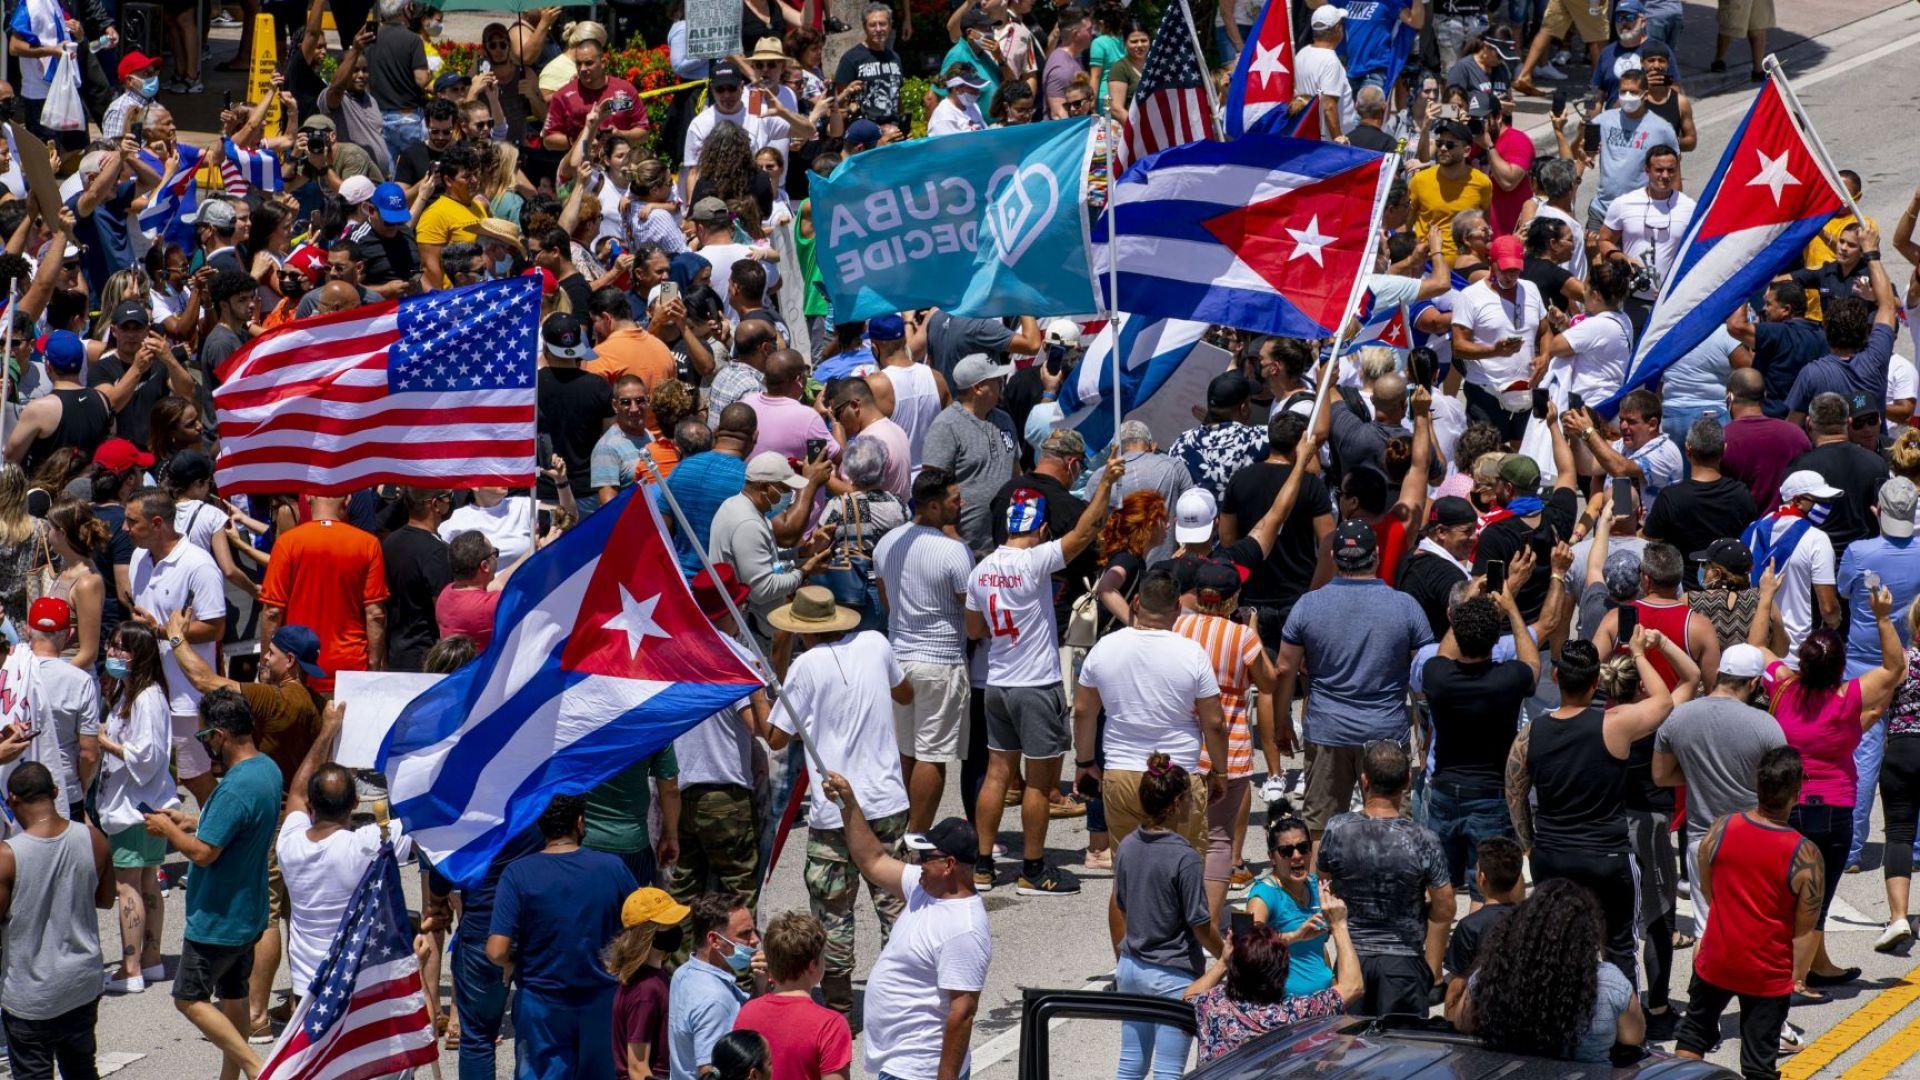 САЩ и Русия в сблъсък за стартиралата революция в Куба